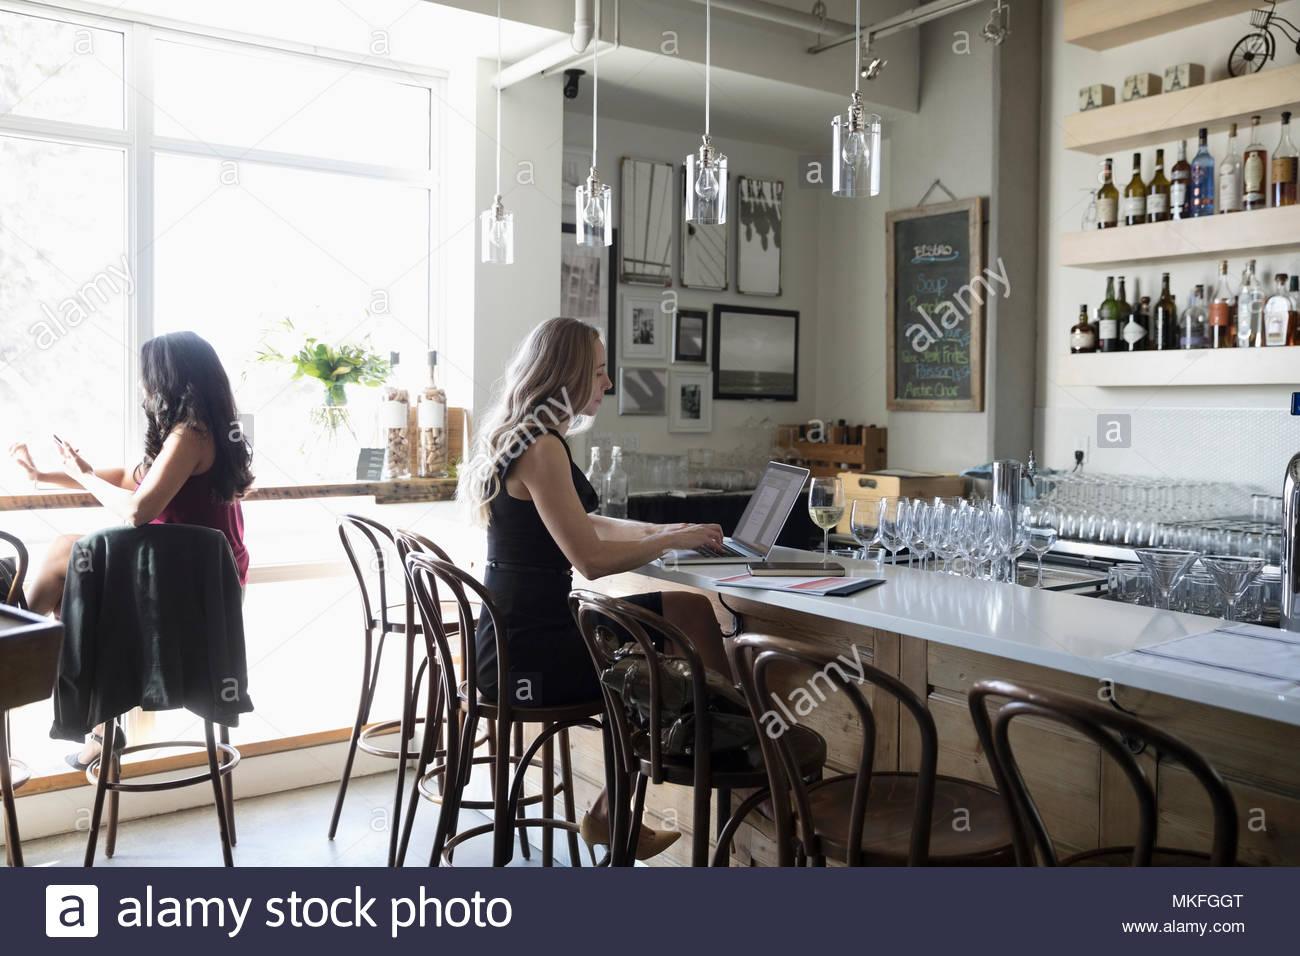 Geschäftsfrau, Wein trinken und Arbeiten am Laptop in der Bar Stockbild